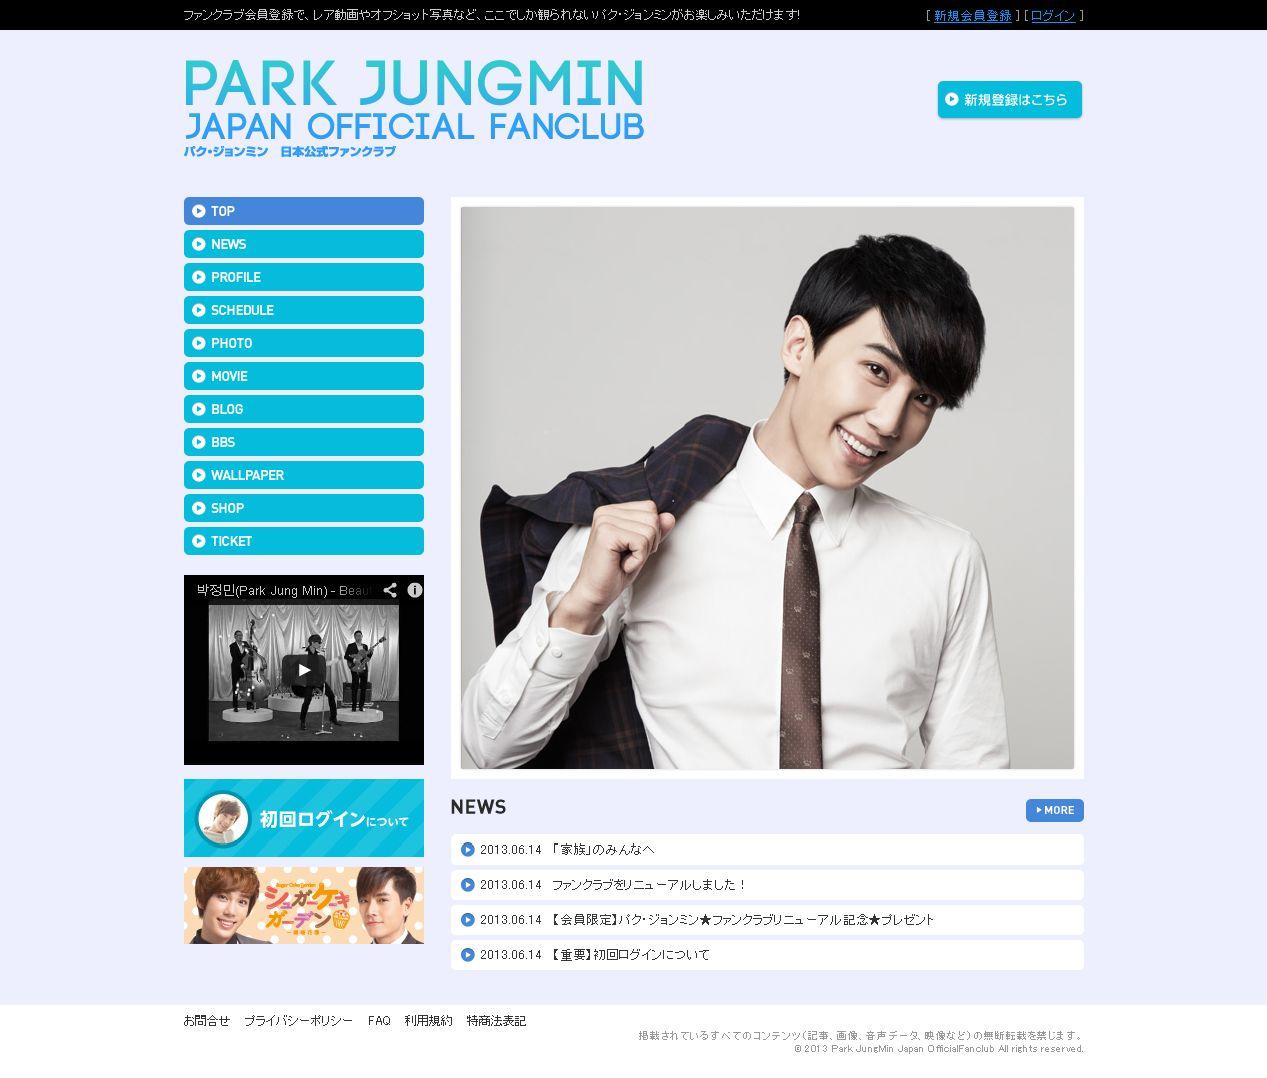 FireShot Screen Capture #092 - 'パク・ジョンミン OFFICIAL FANCLUB パク・ジョンミン日本公式ファンクラブ' - www_parkjungmin_jp